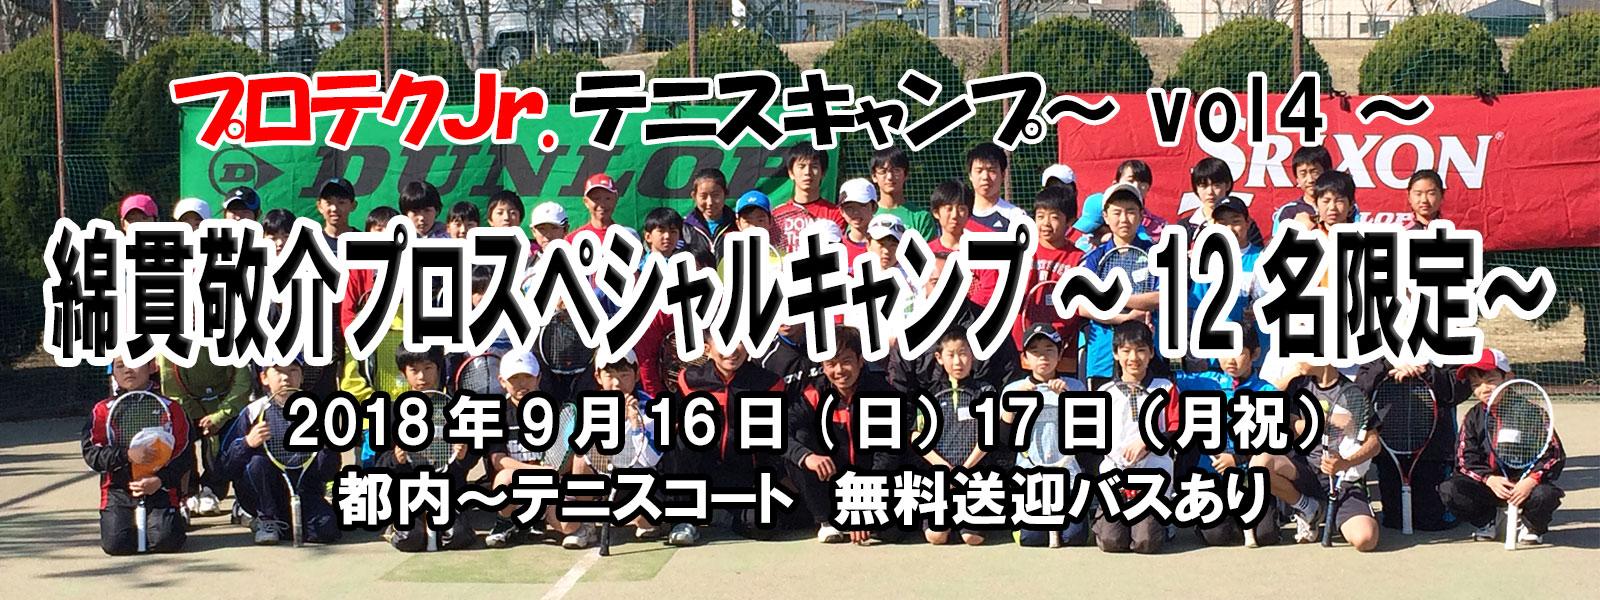 プロテクジュニアテニスキャンプ ~vol.4~